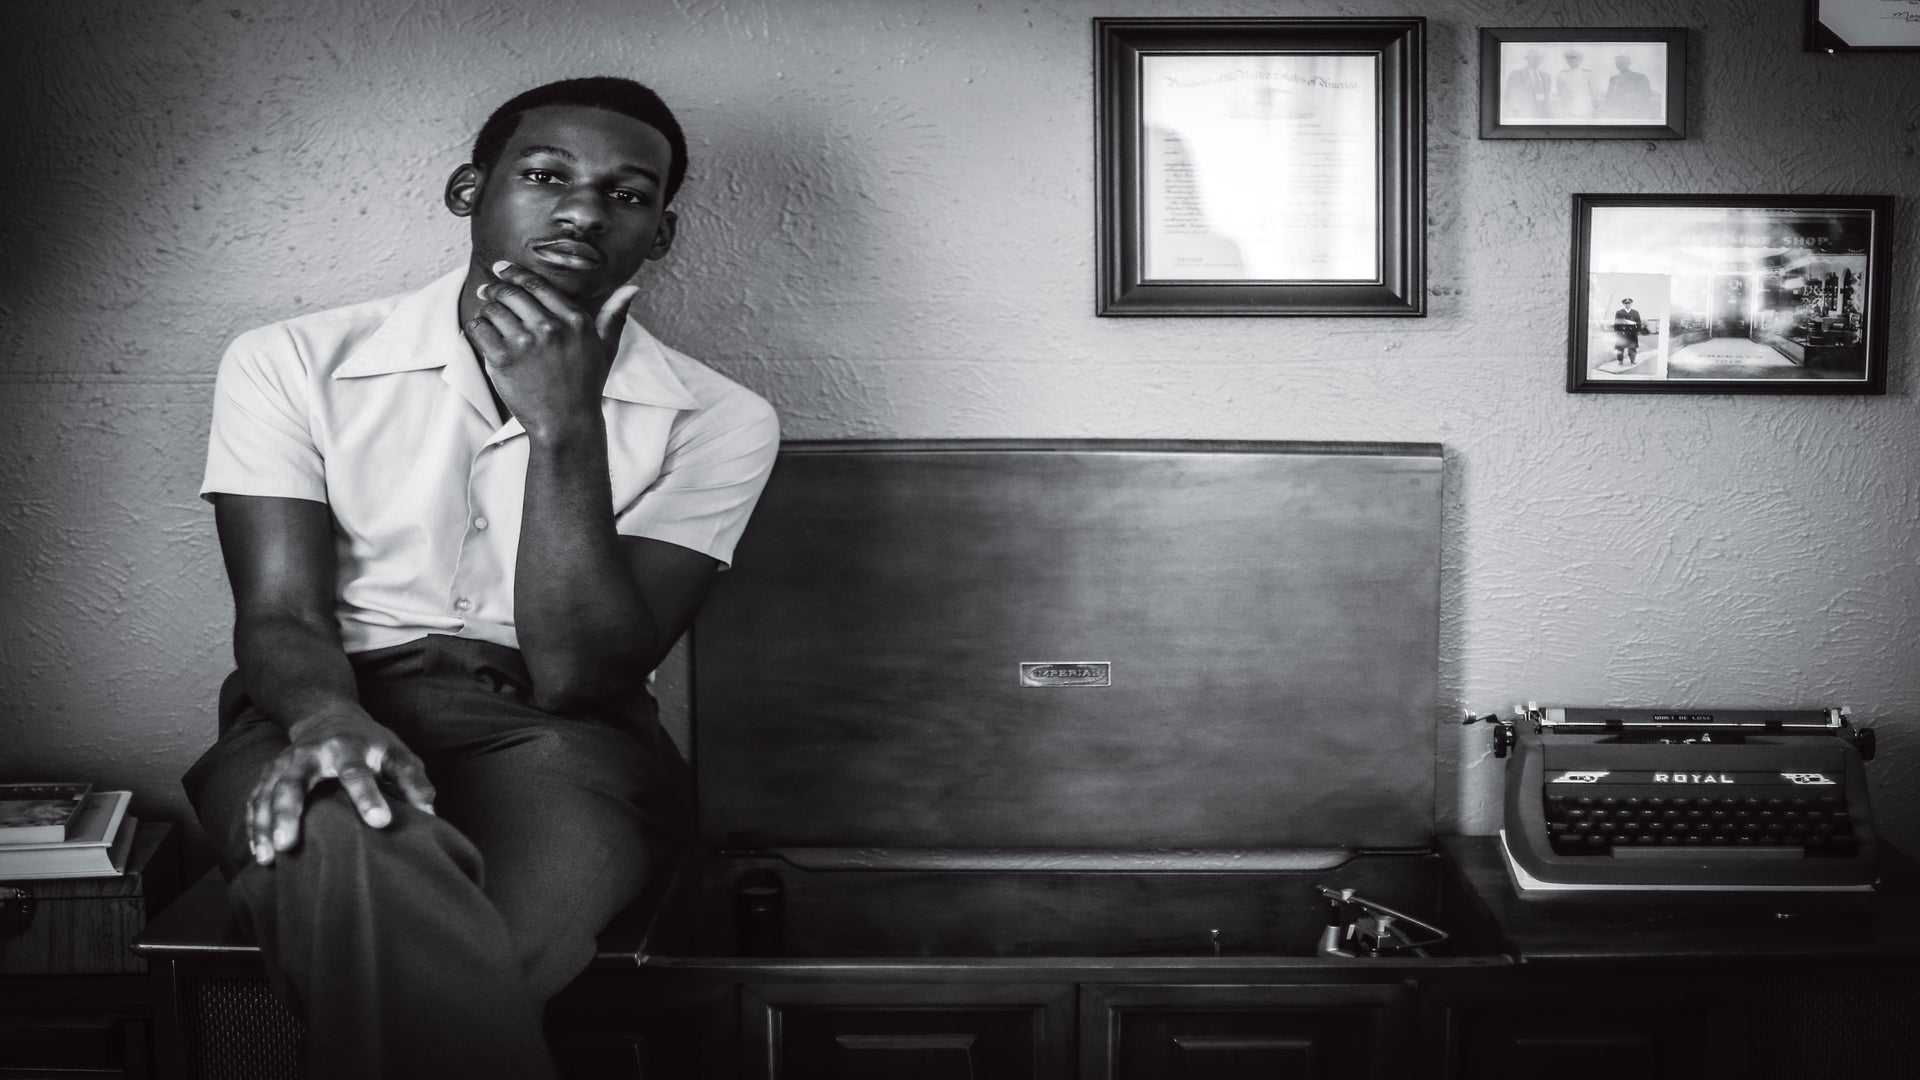 ESSENCE Fest Artist Leon Bridges Speaks on His Struggle to Woo Black Fans